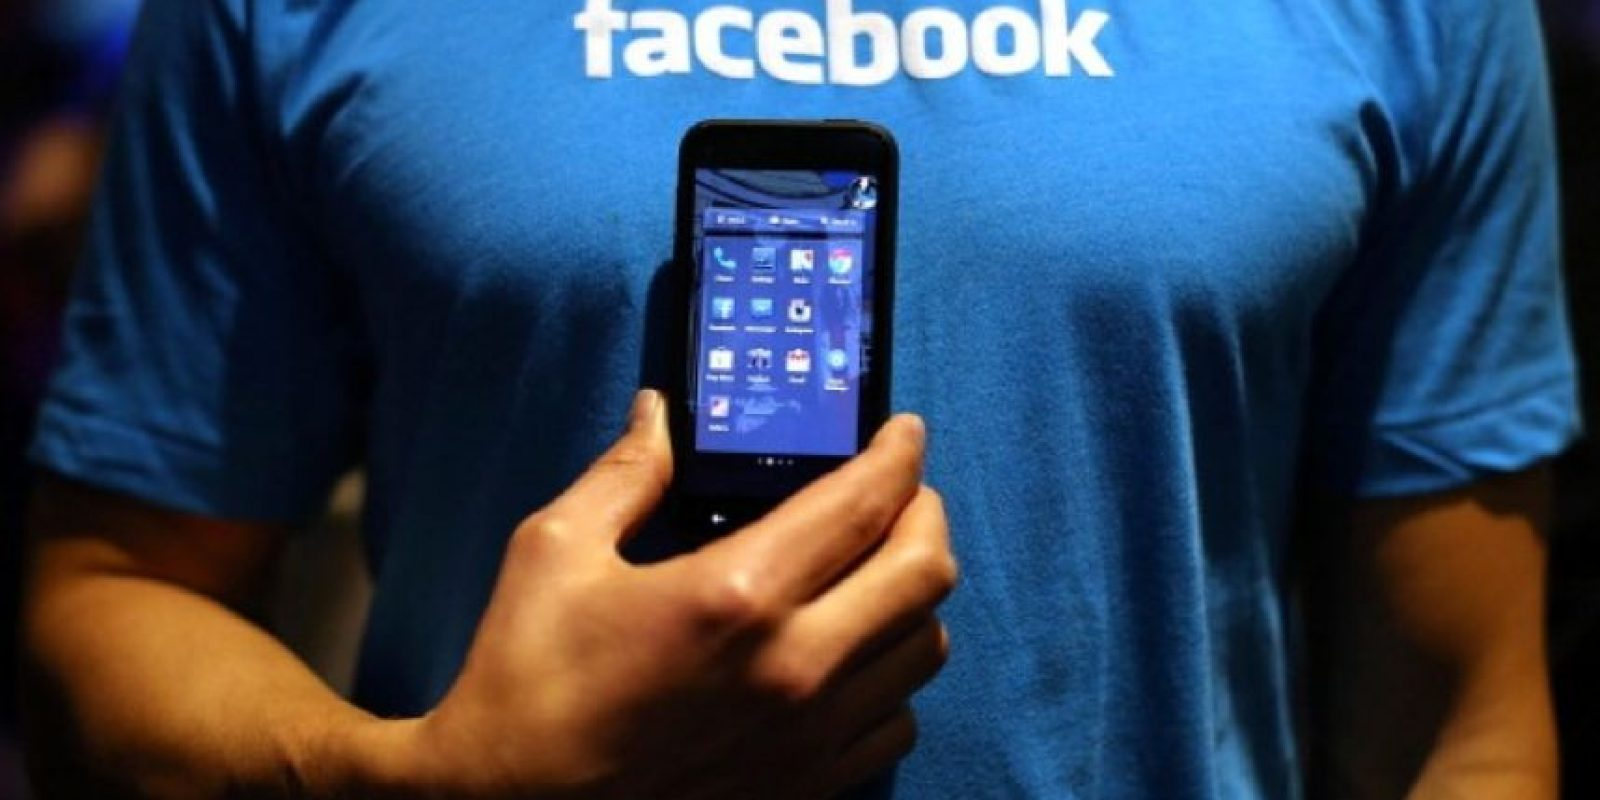 En la red social de Mark Zuckerberg es posible enterarse de lo que piensan sus amigos, ver las fotos de su vacaciones, conocer gente nueva, además de decirle al mundo que están felices por que tienen una relación y eso les gusta. Foto:Getty Images